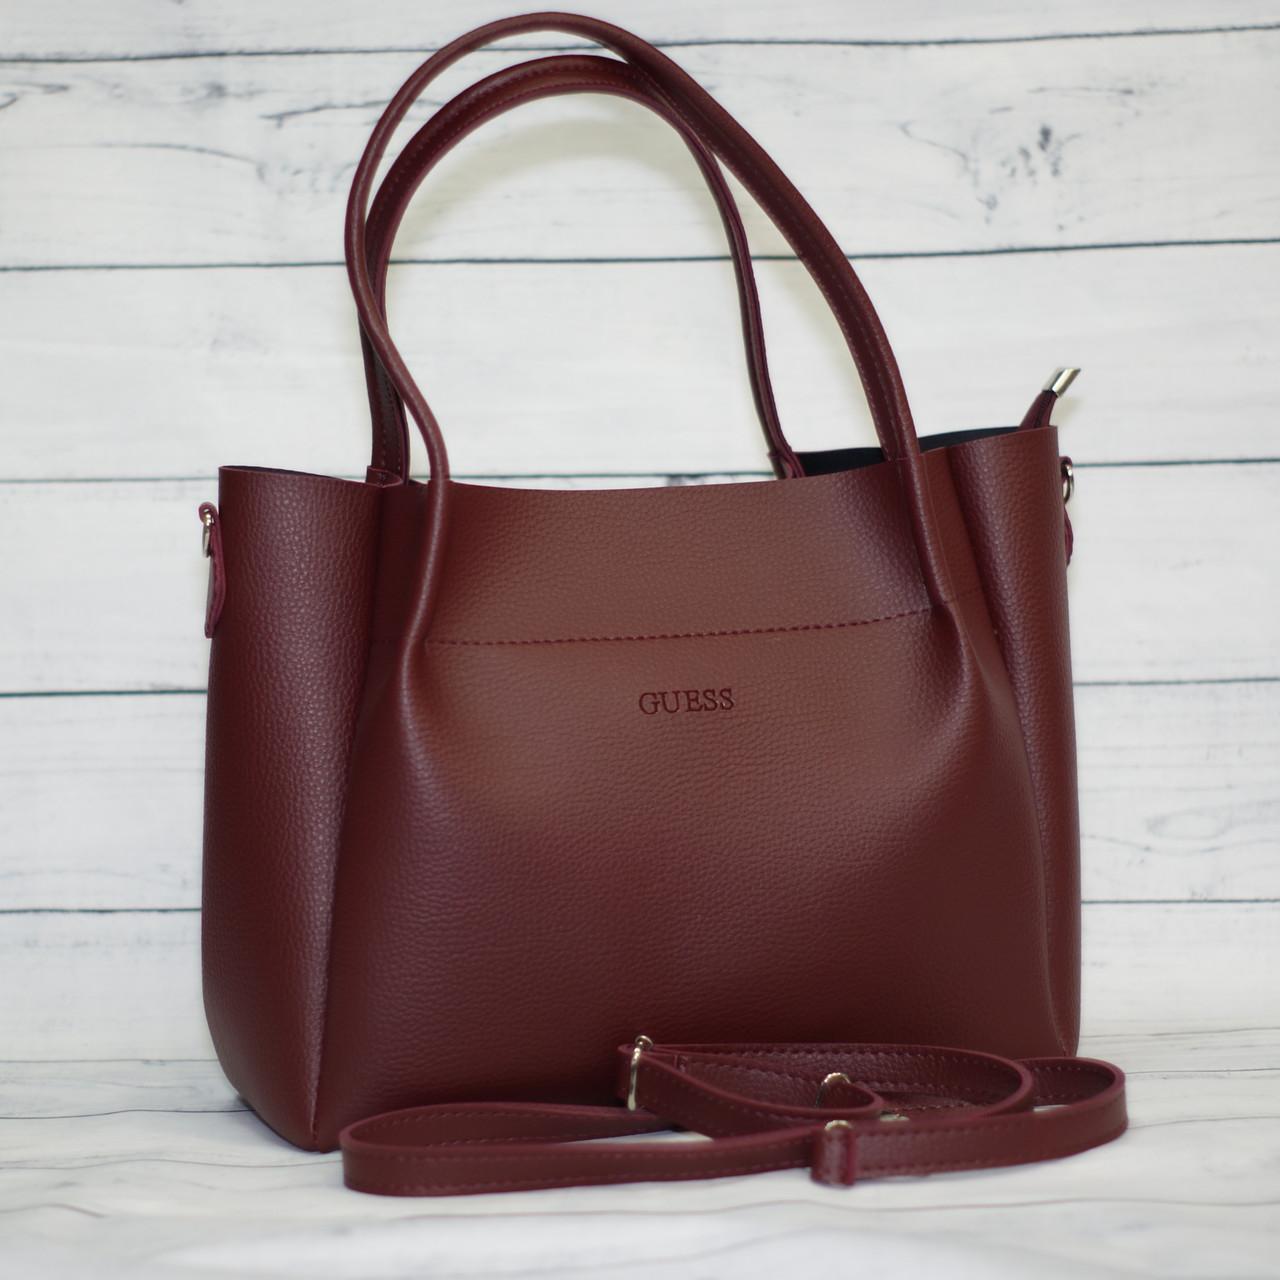 Женская сумка Guess (Гесс), бордовая ( код: IBG162KR )